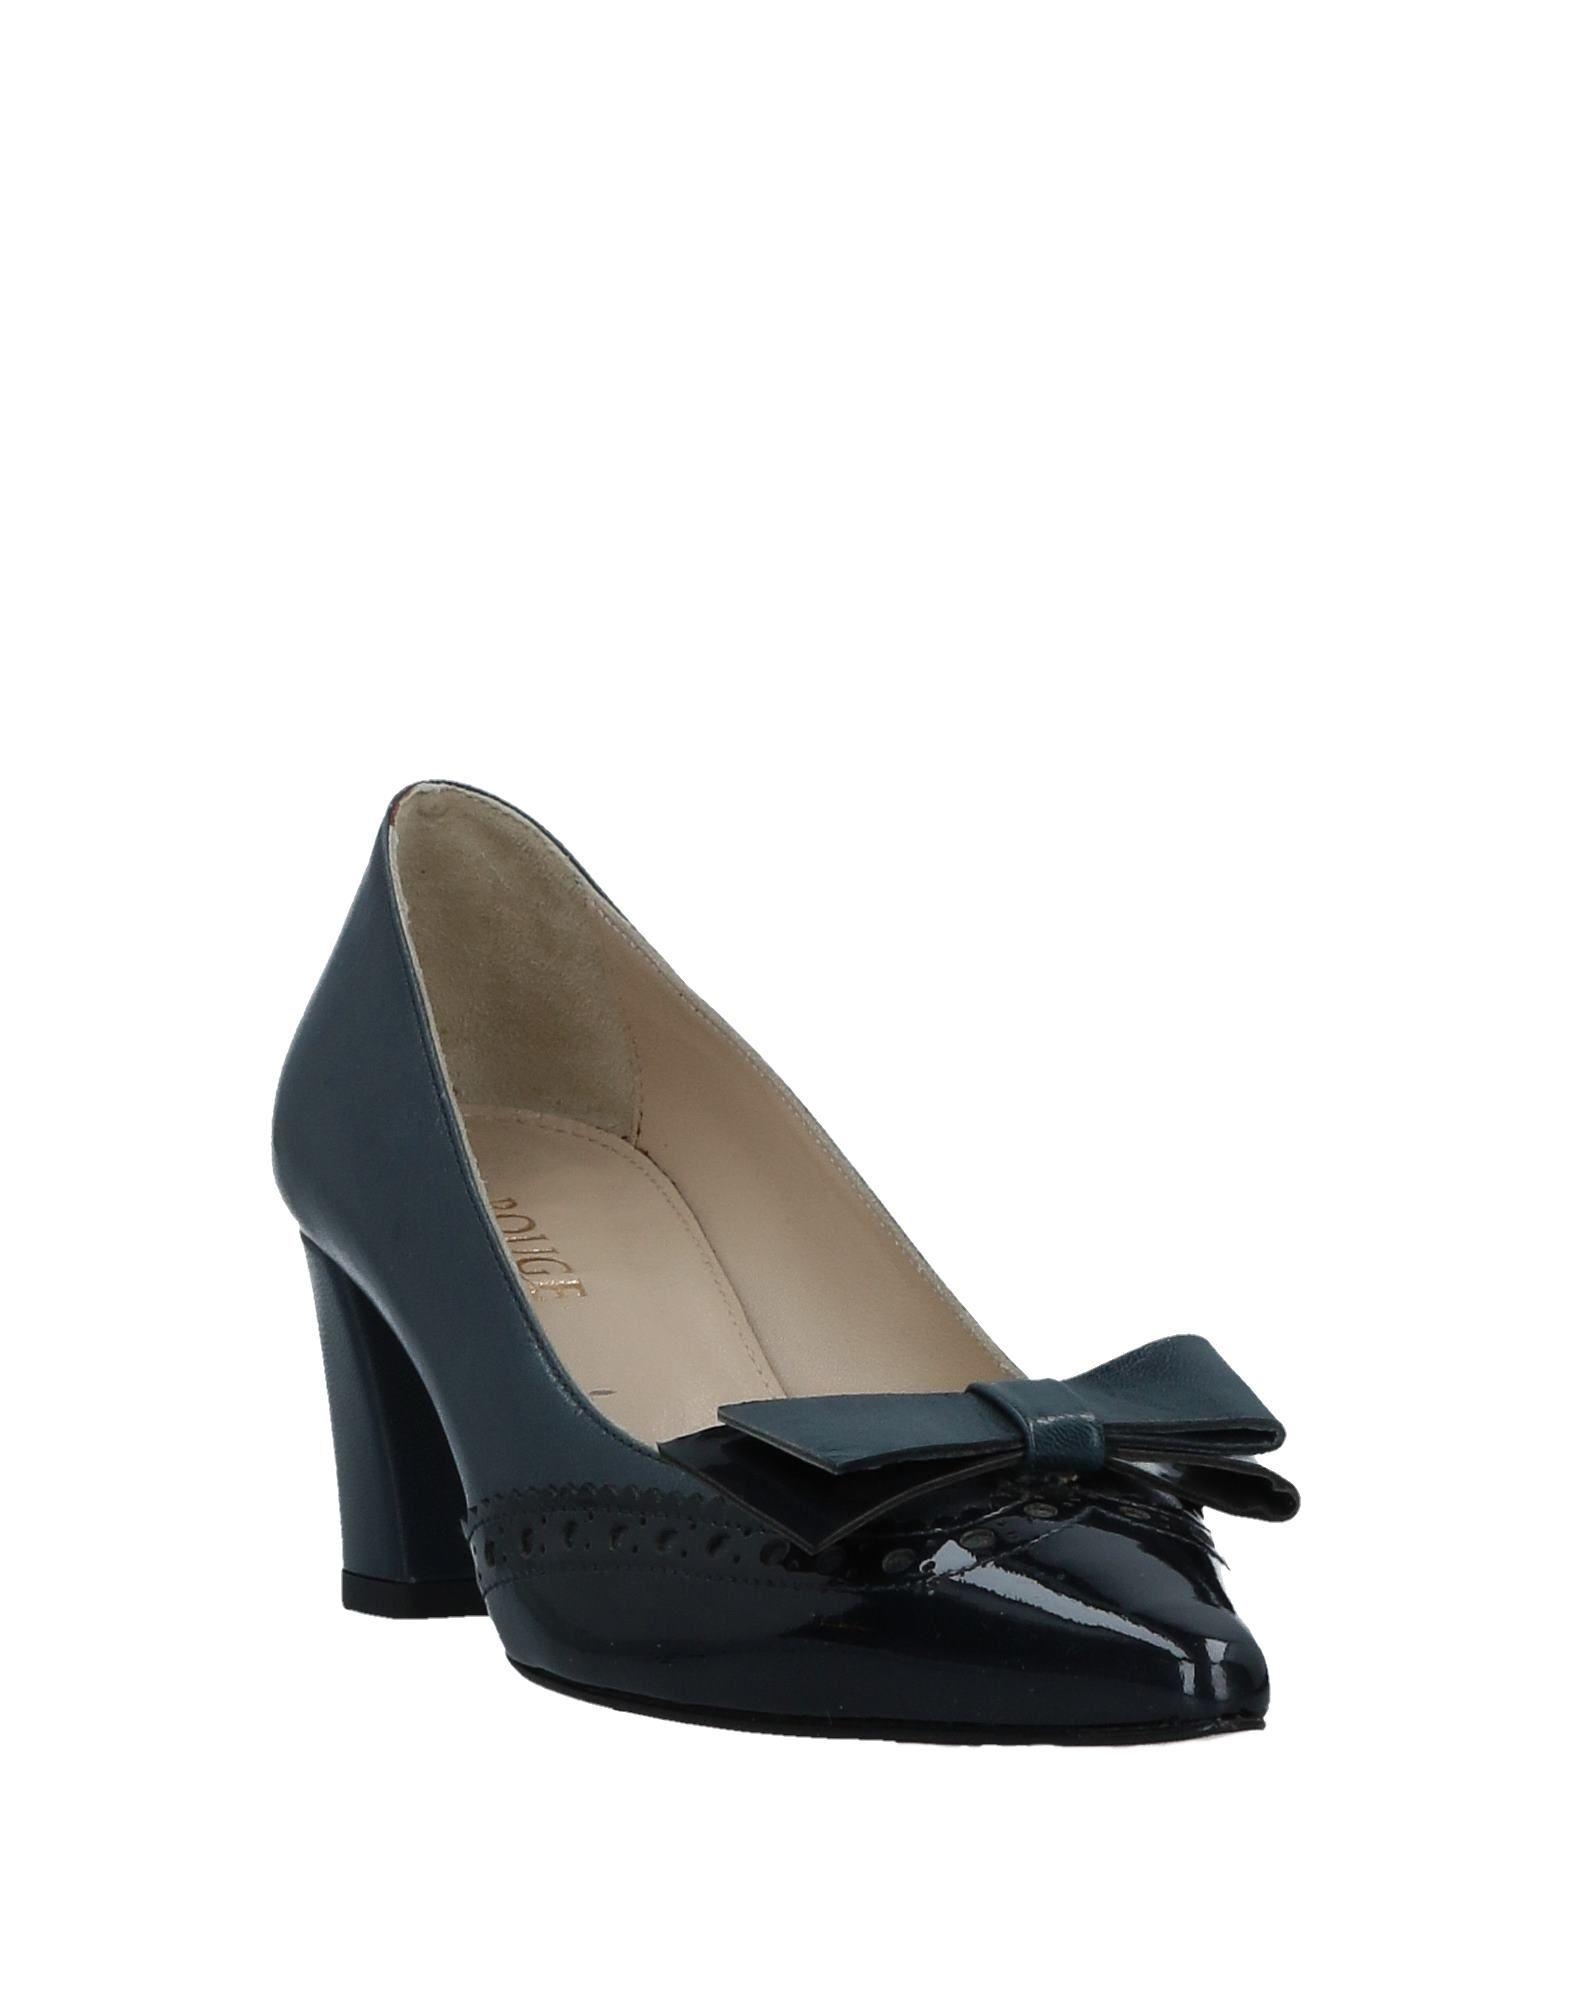 Rouge Pumps Damen  11524977LW Schuhe Gute Qualität beliebte Schuhe 11524977LW 070580